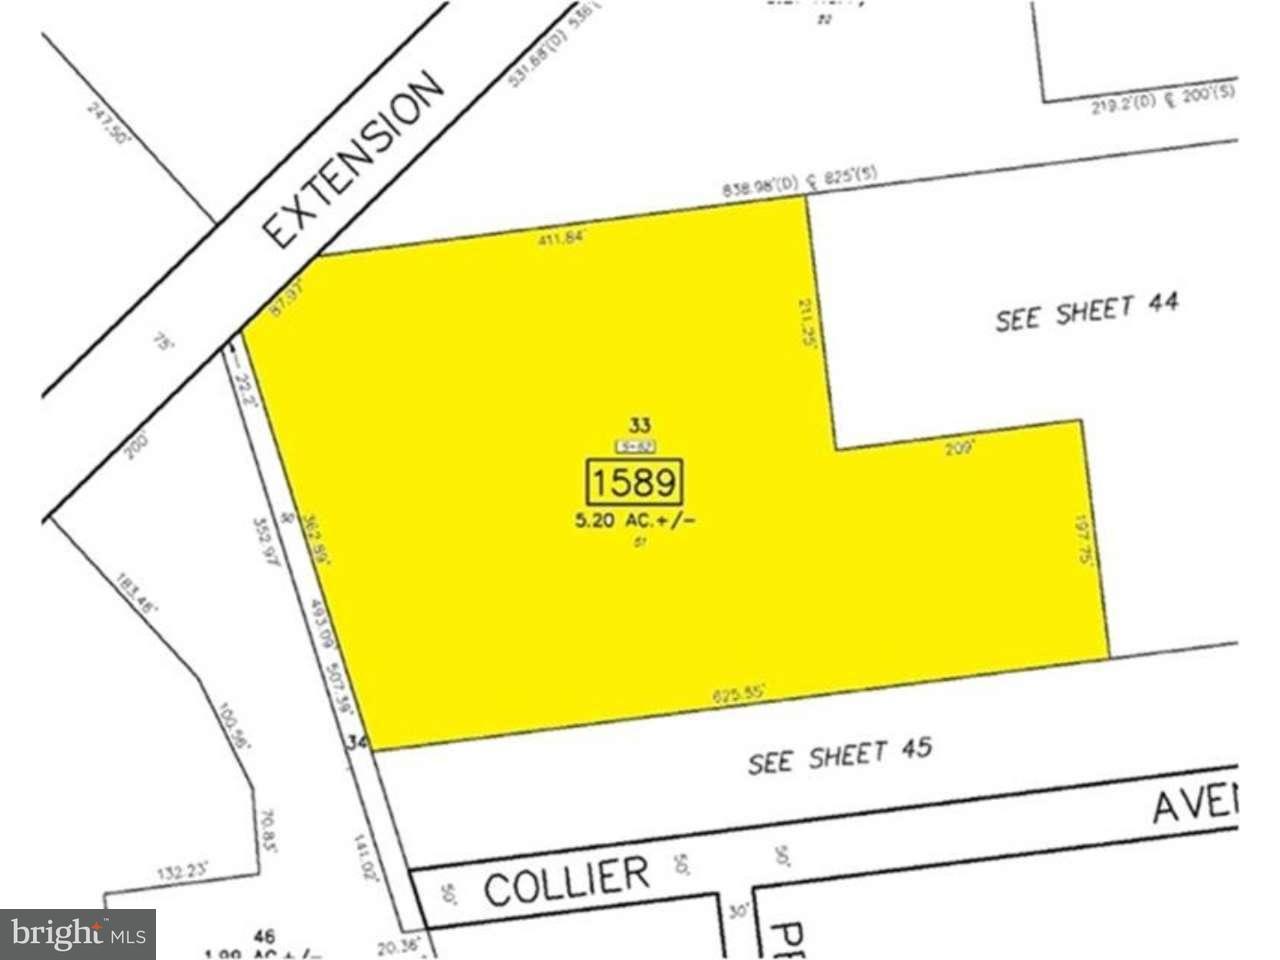 Частный односемейный дом для того Продажа на 2595 E STATE STREET EXT Hamilton, Нью-Джерси 08619 Соединенные ШтатыВ/Около: Hamilton Township